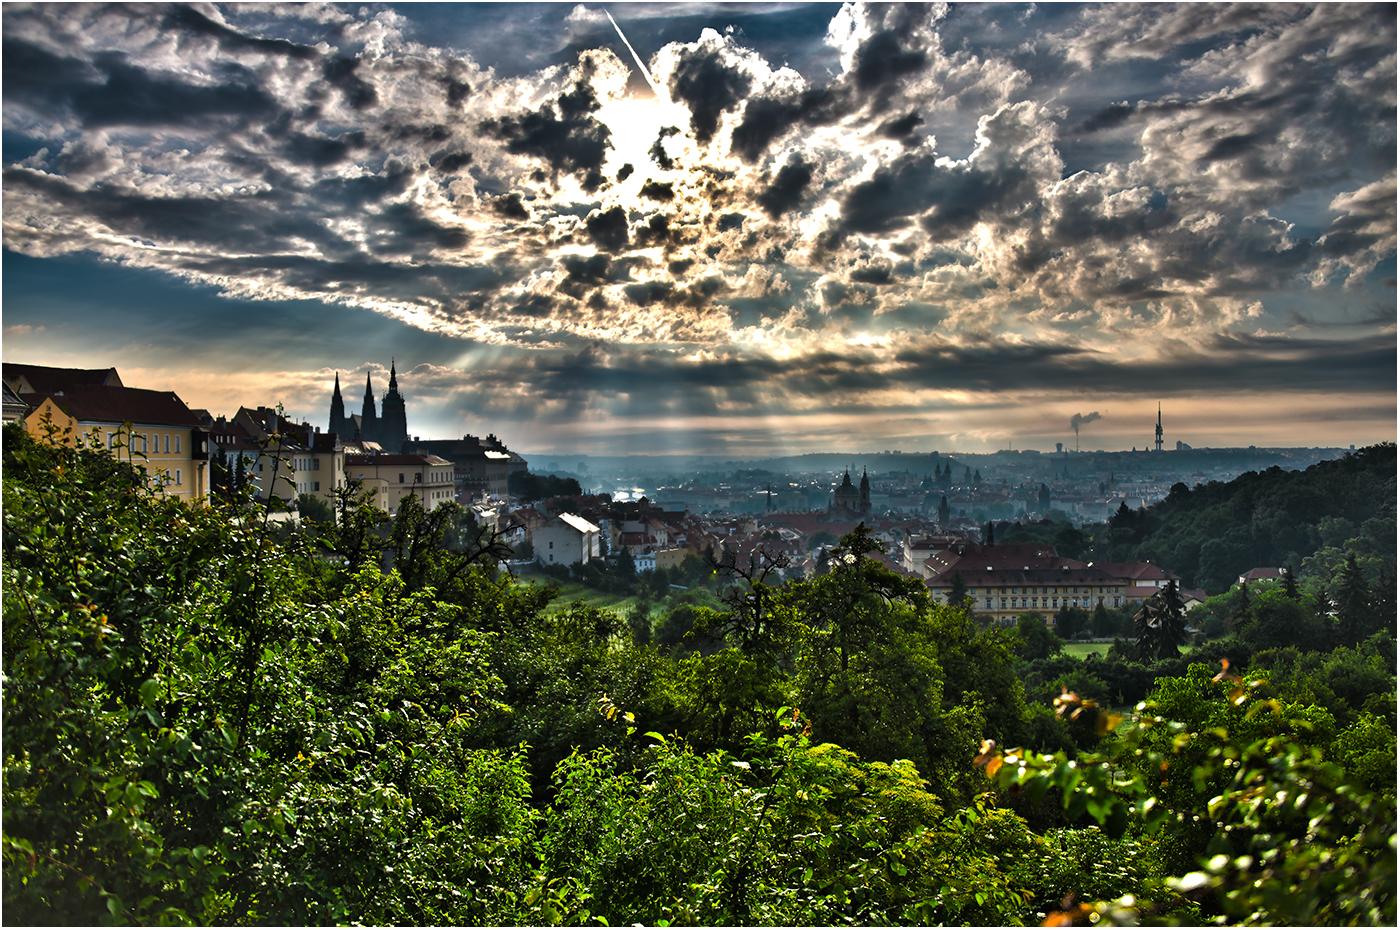 Утро приходит в чешскую столицу